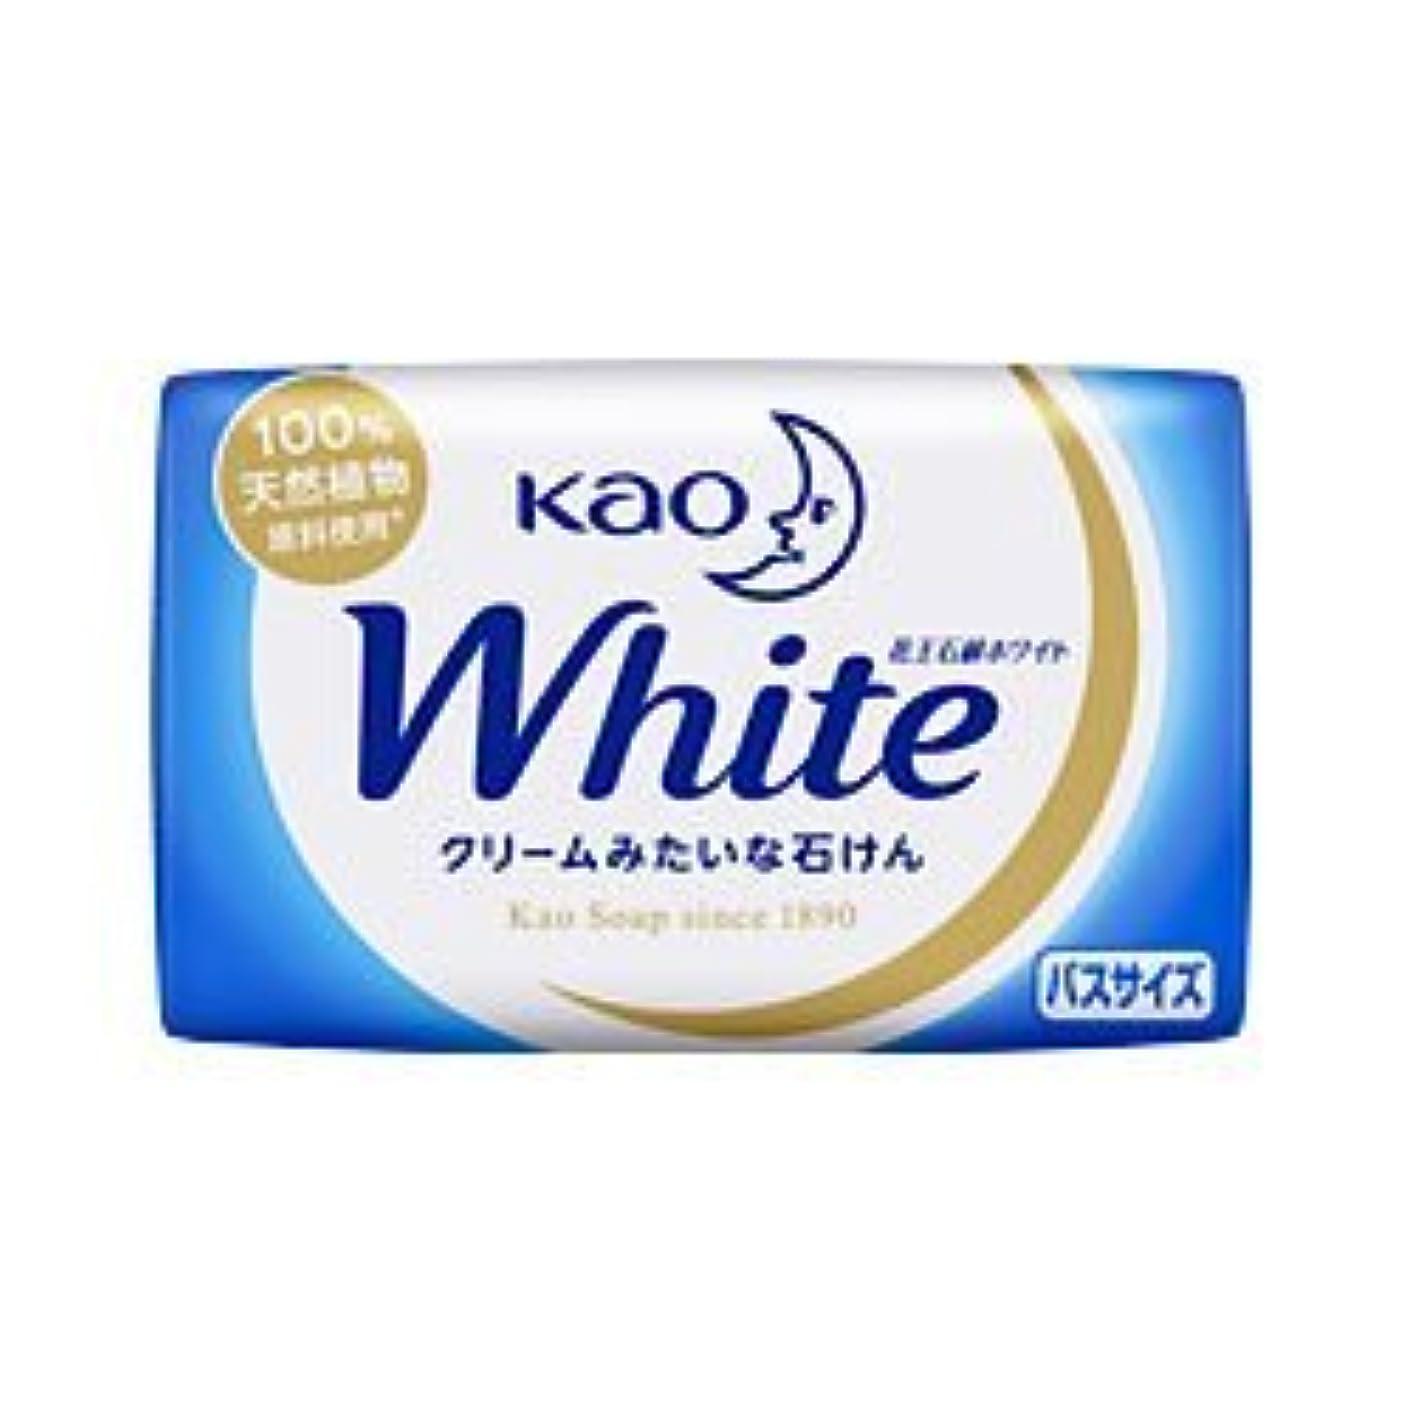 破産招待アトミック【花王】花王ホワイト バスサイズ 1個 130g ×5個セット